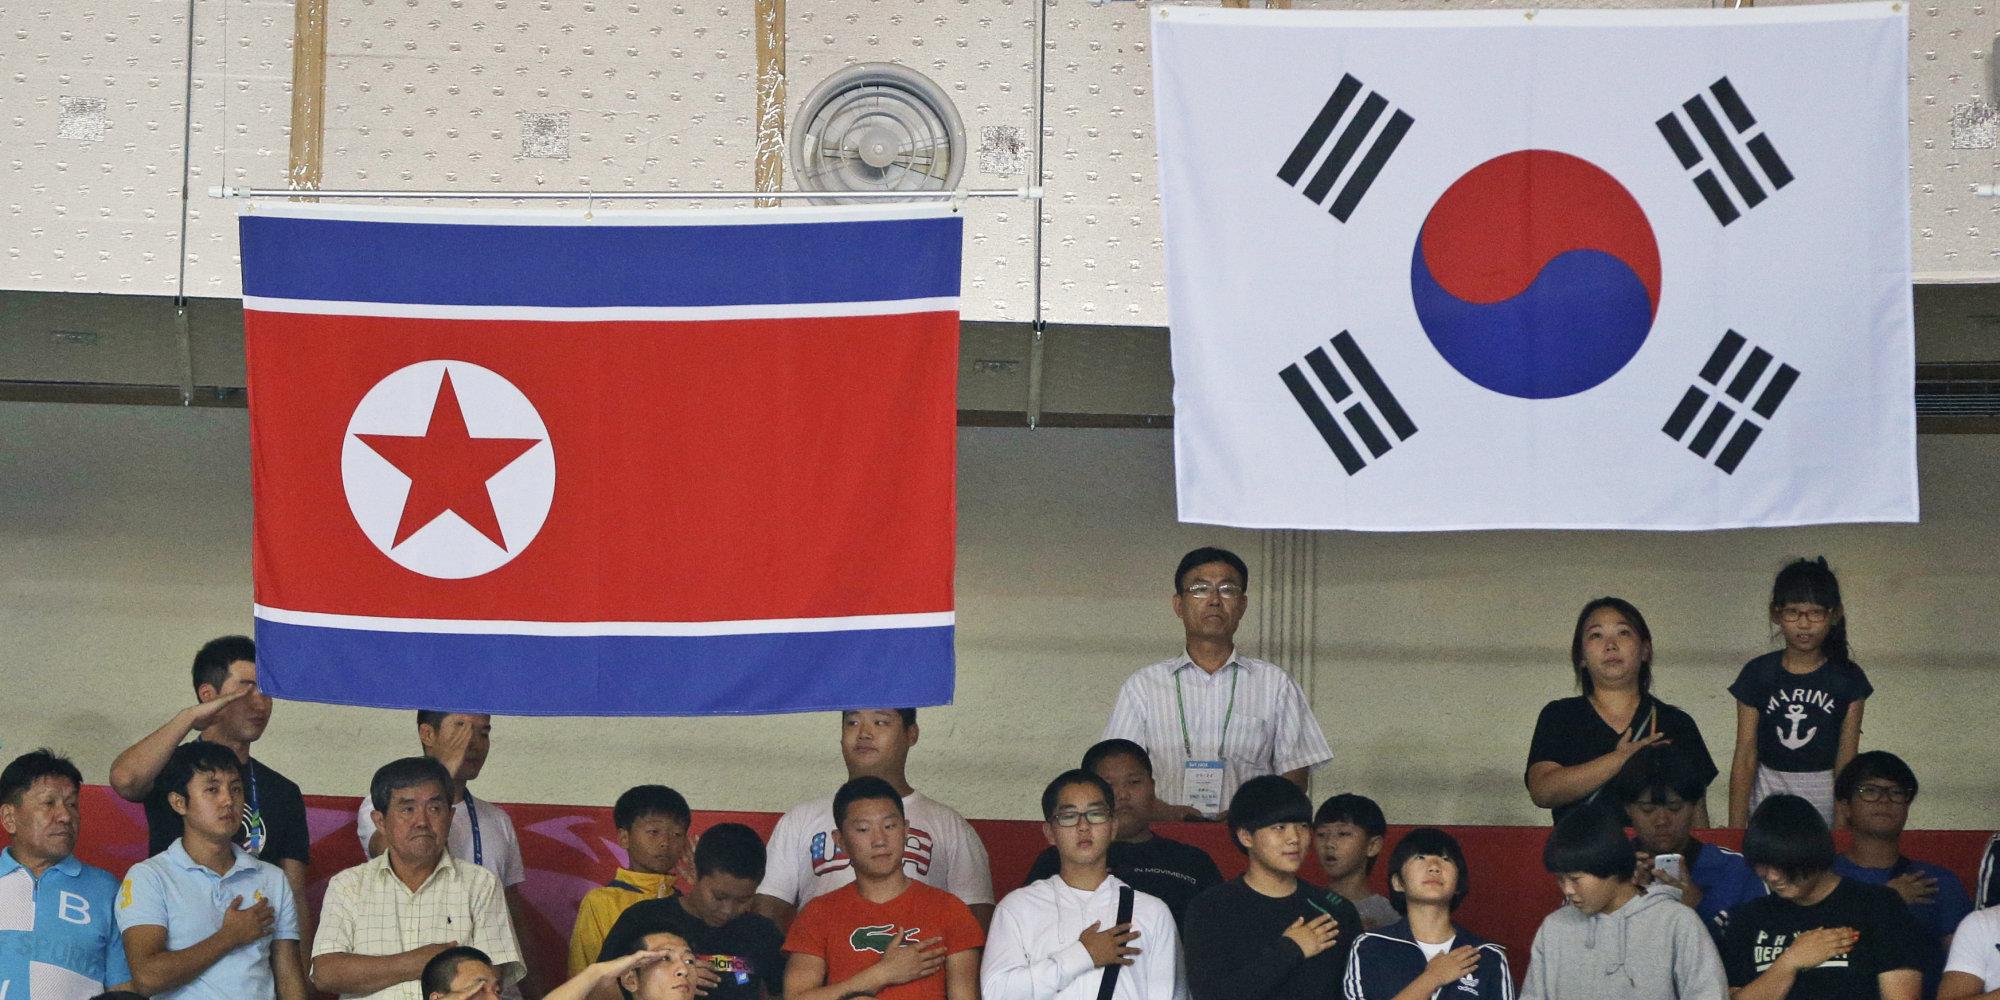 Two Koreas will unite 27